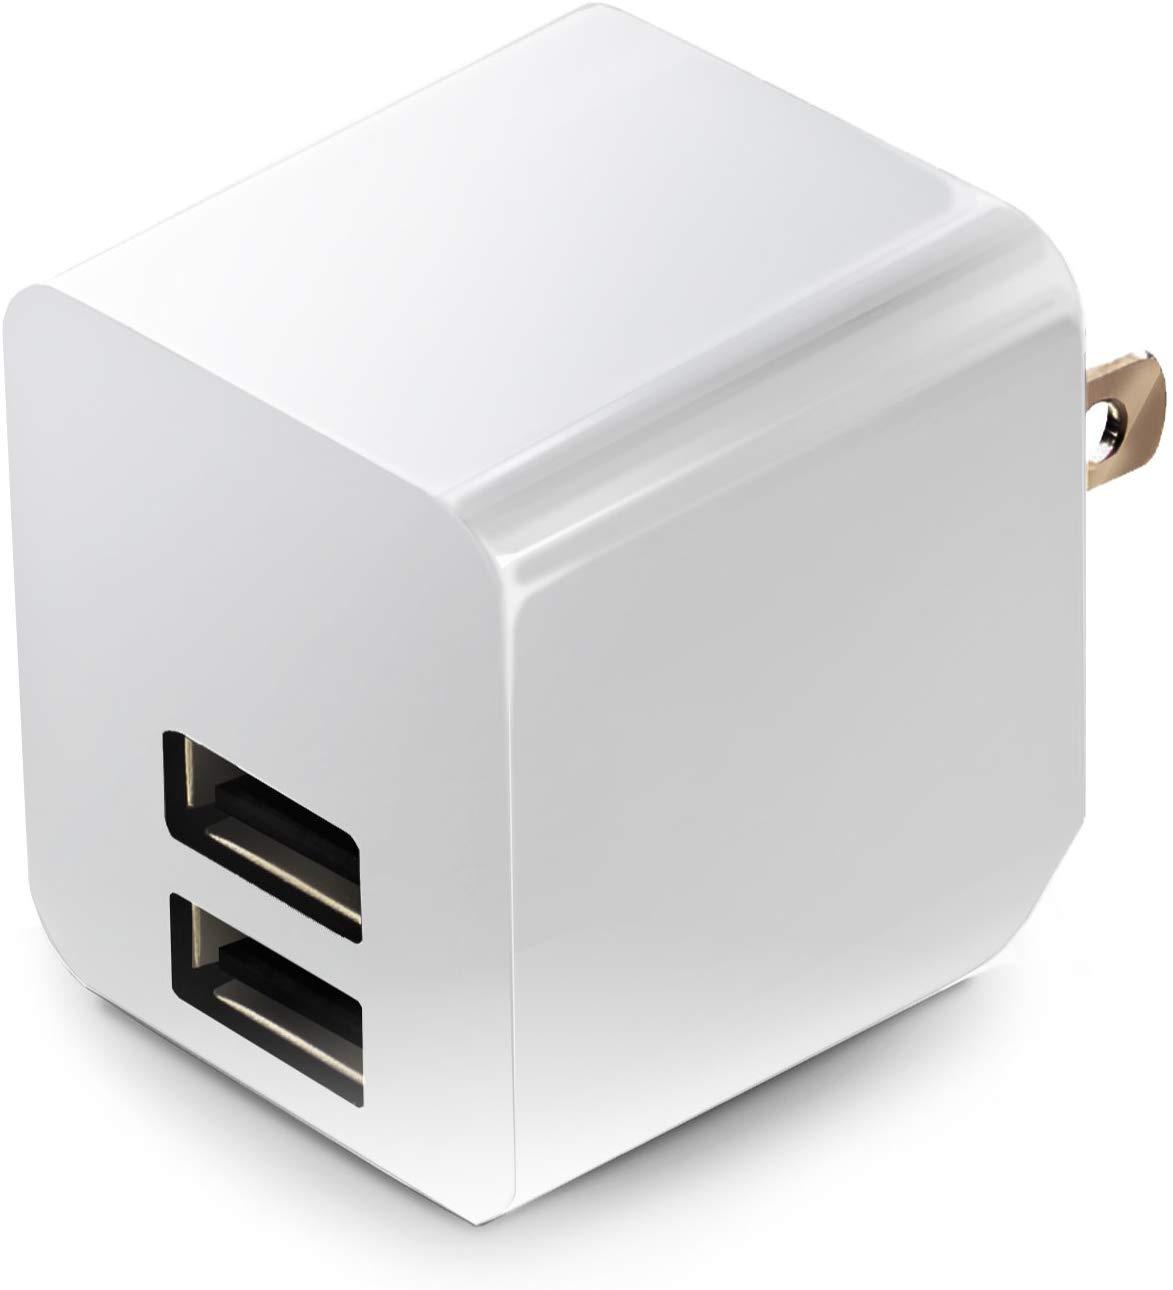 USB 充電器 ACアダプター コンセント